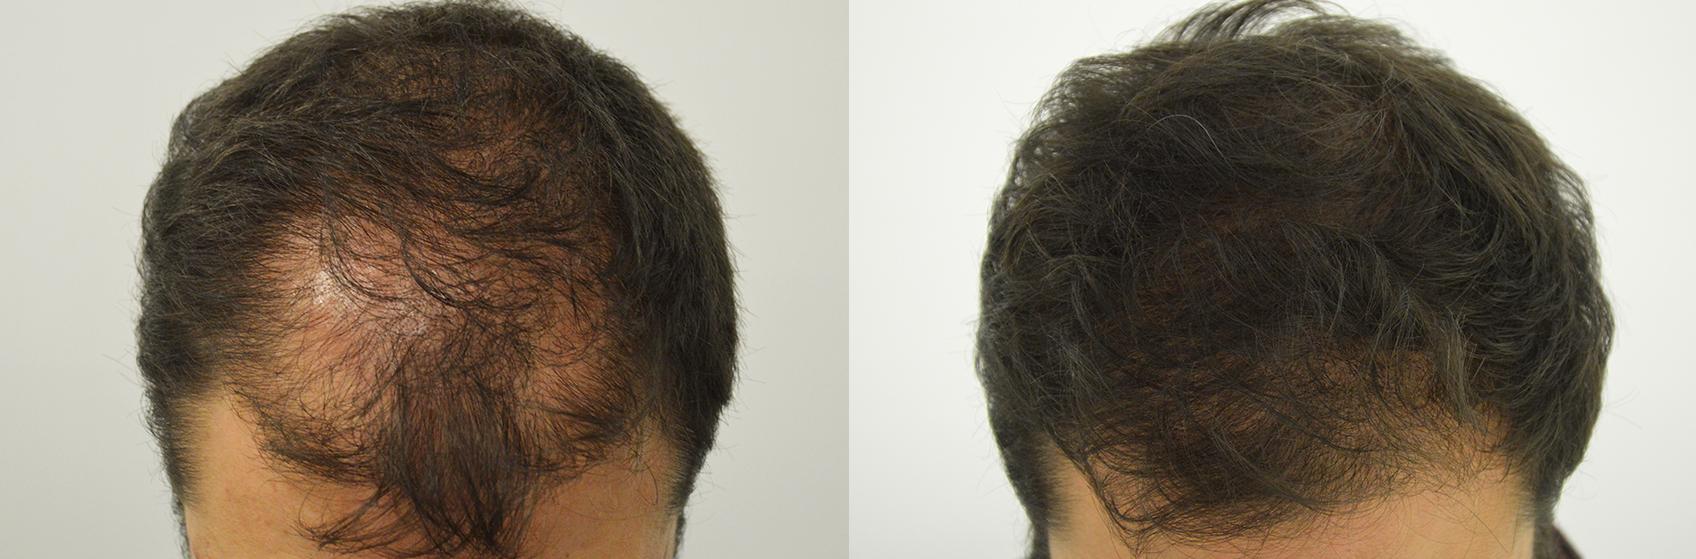 risultato-trapianto-capelli-uomo